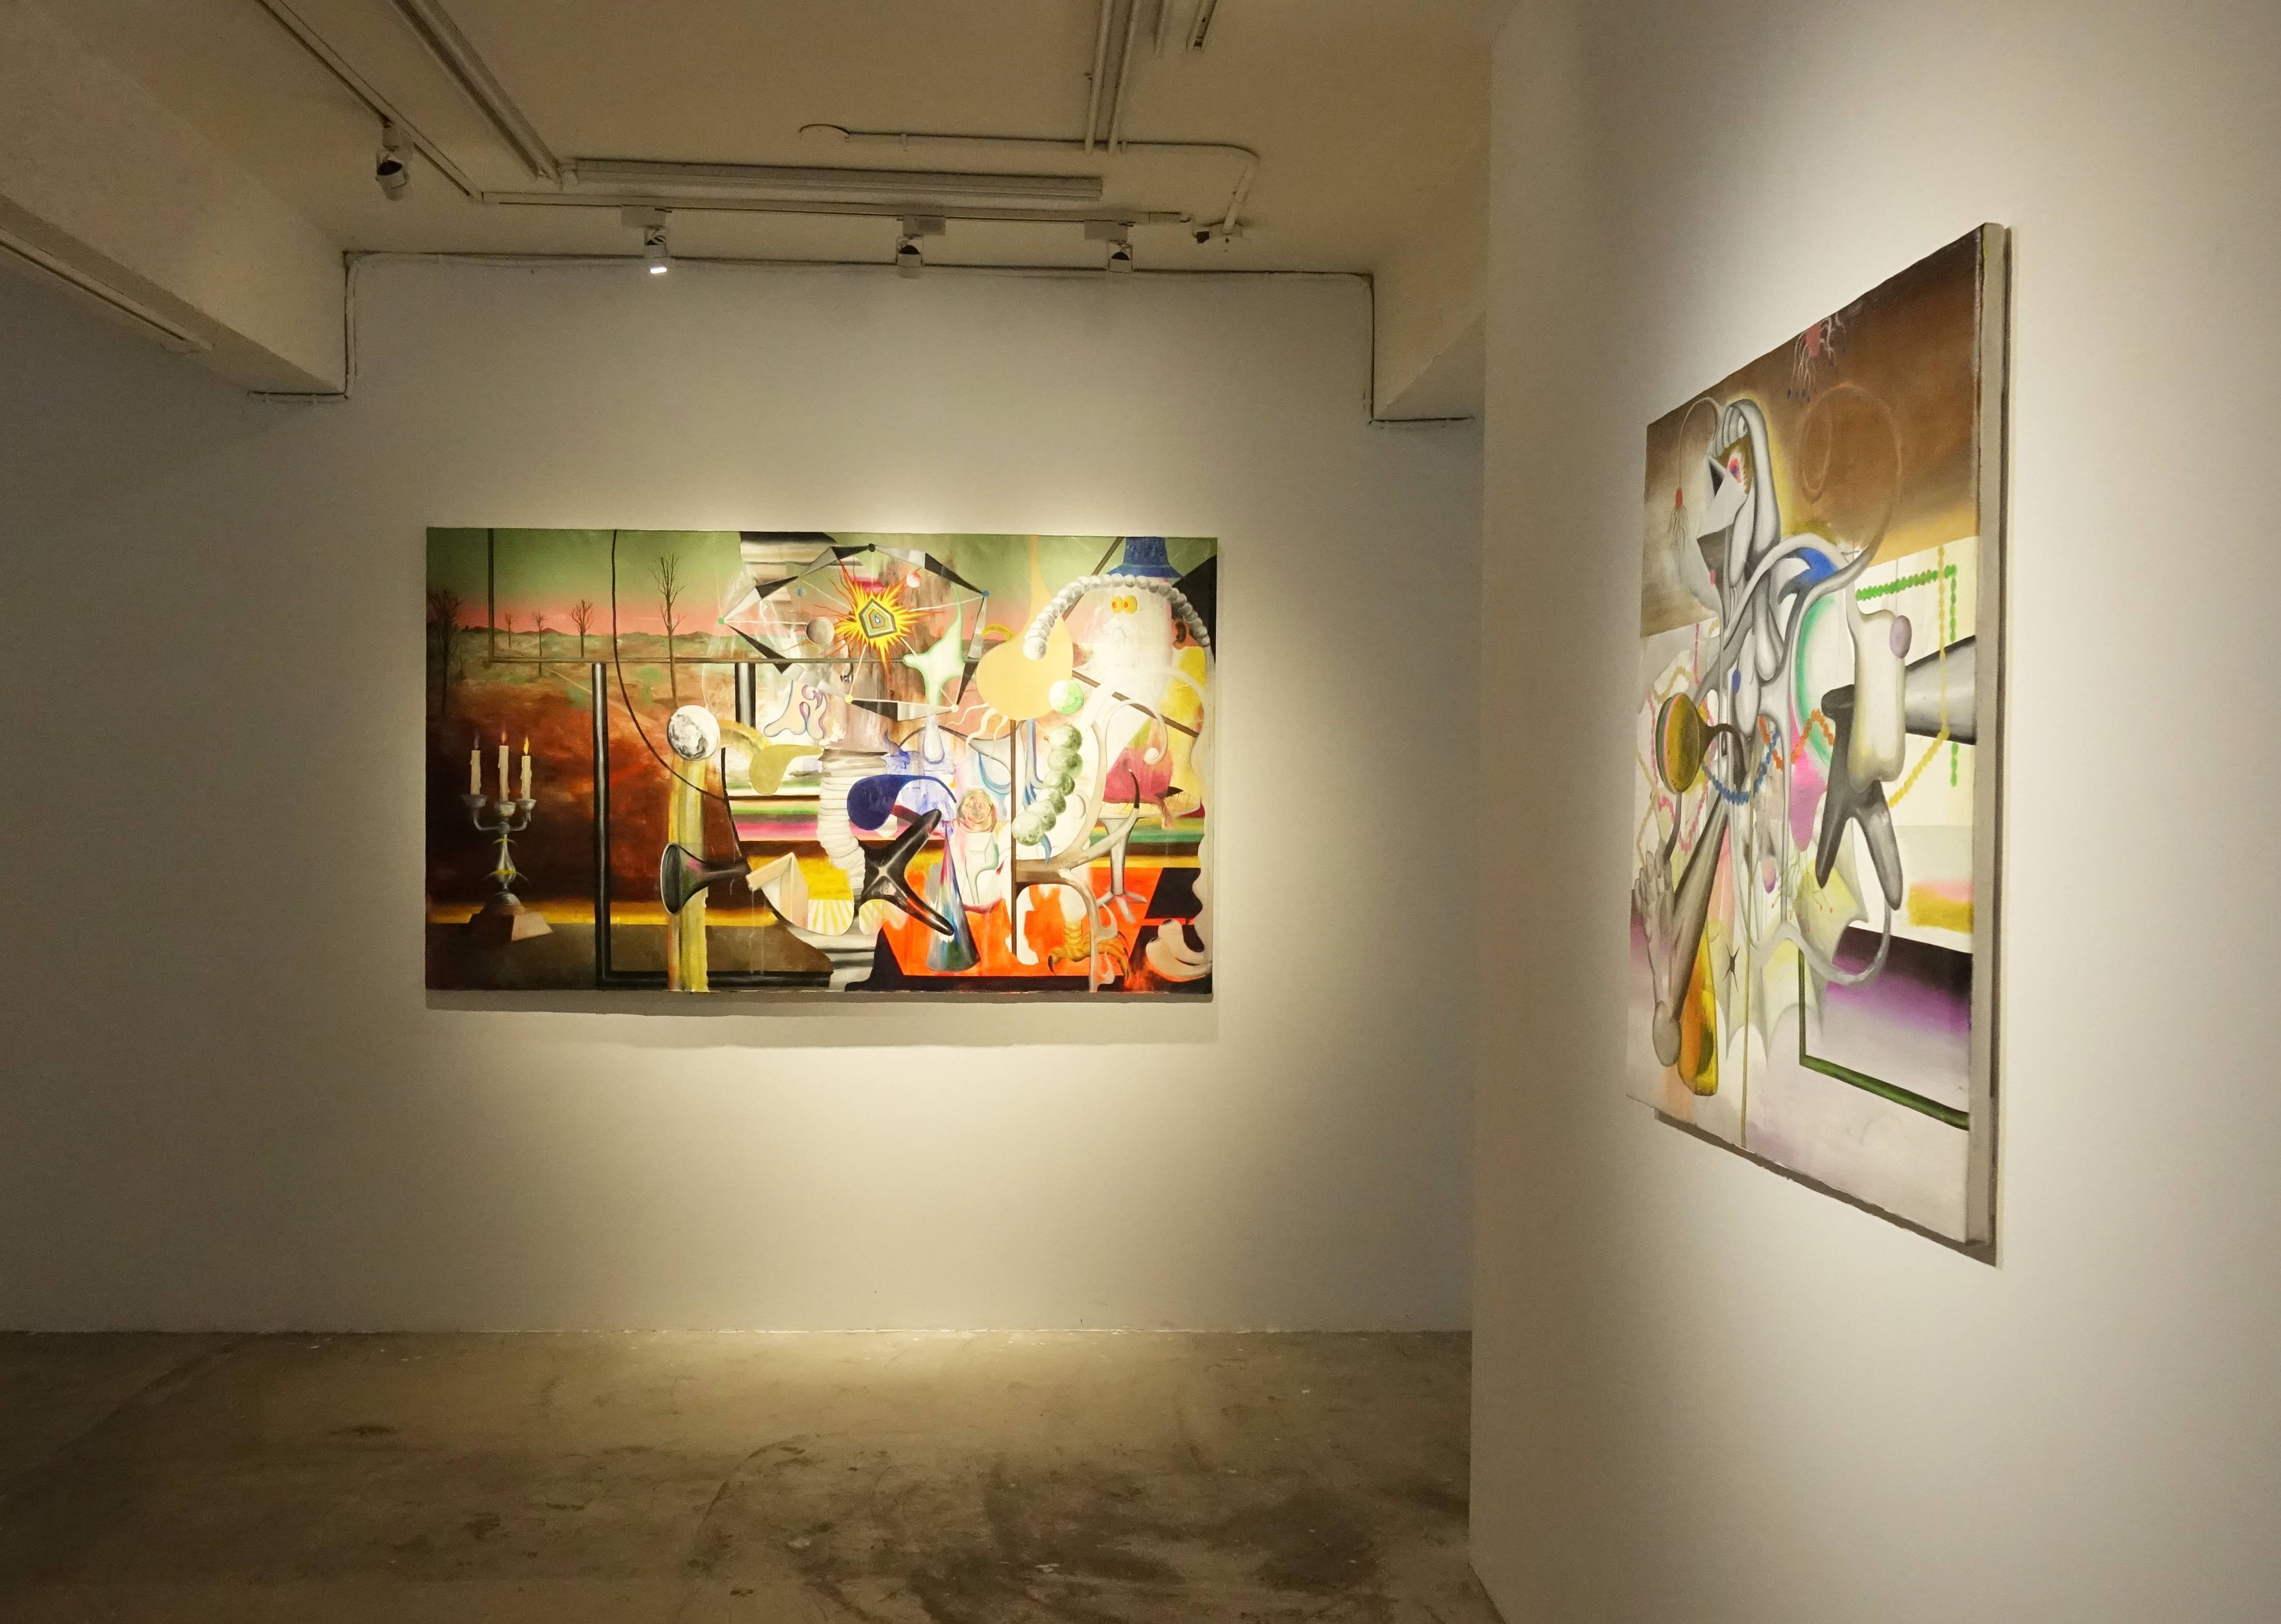 路由藝術基恩・保羅・馬汀「你創造它?它創造自己」展出空間。